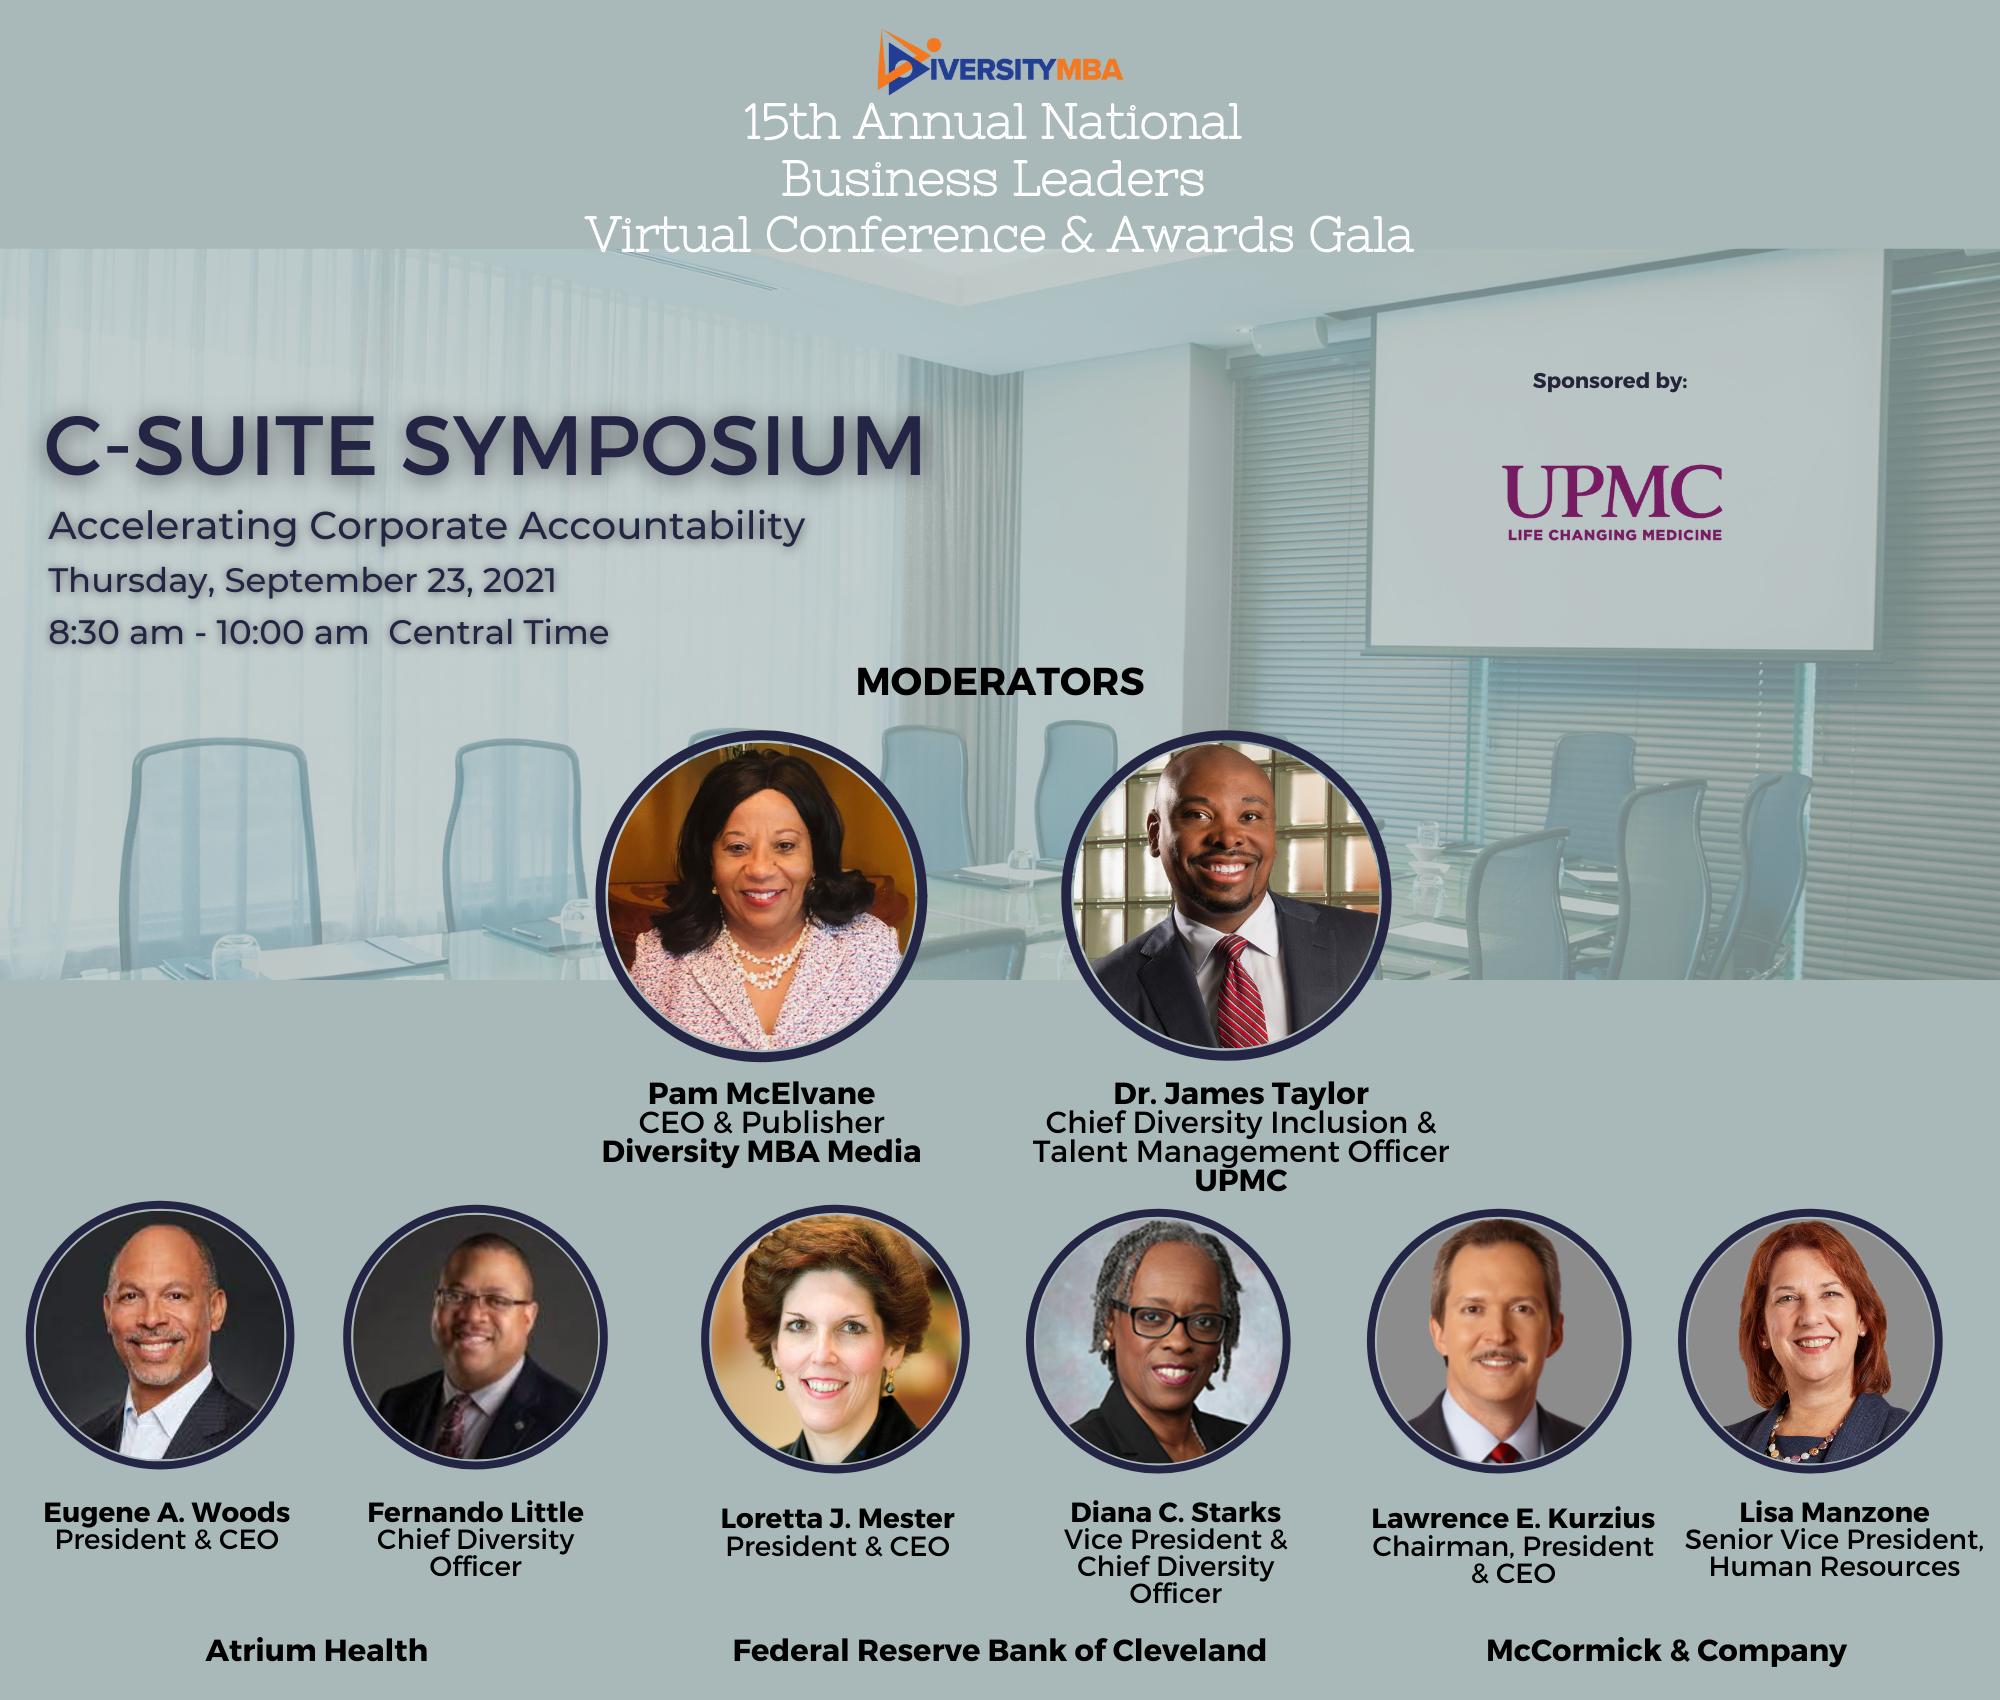 C-Suite Symposium